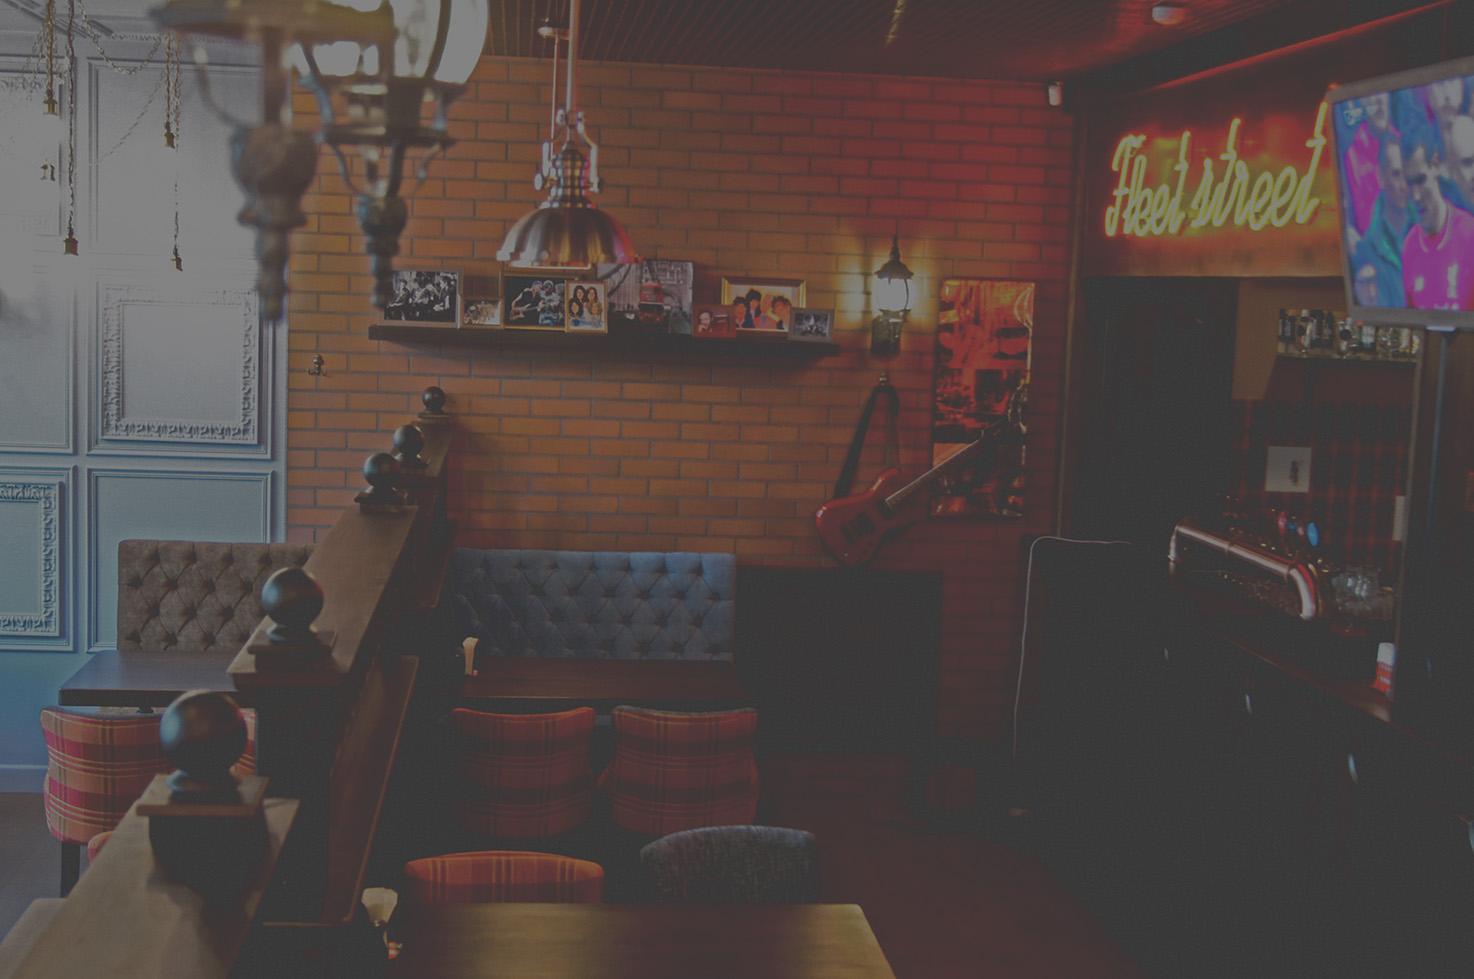 Fleet Street ресторан на Академической